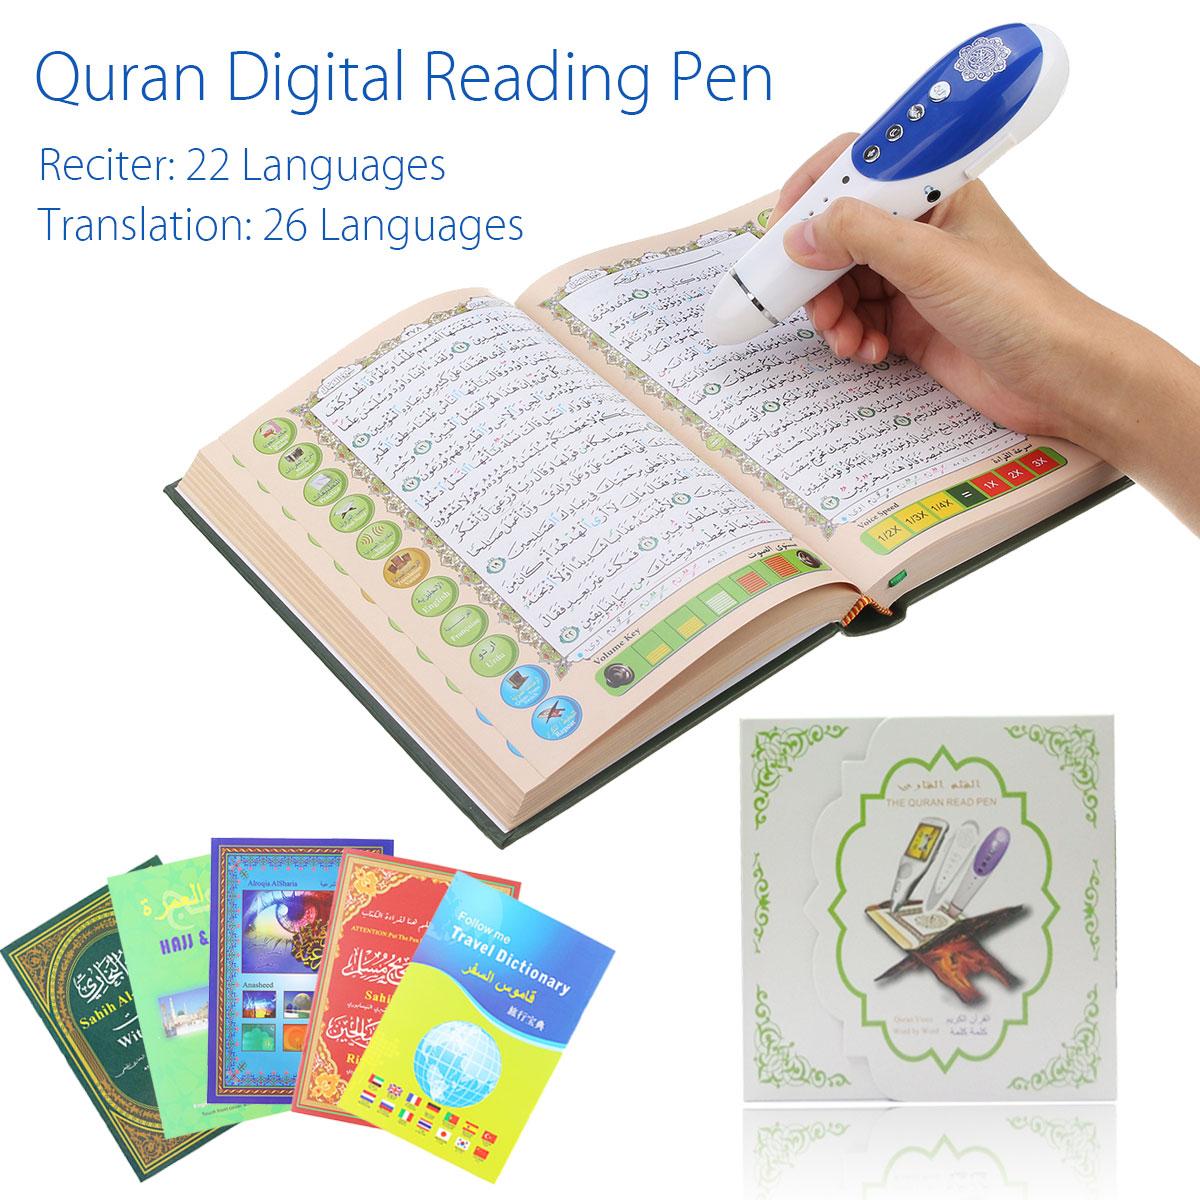 LEORY numérique coran stylo lecteur 8 GB 23 langues numérique coran lecteur stylo haut-parleur récite FM MP3 TF avec 6 livres